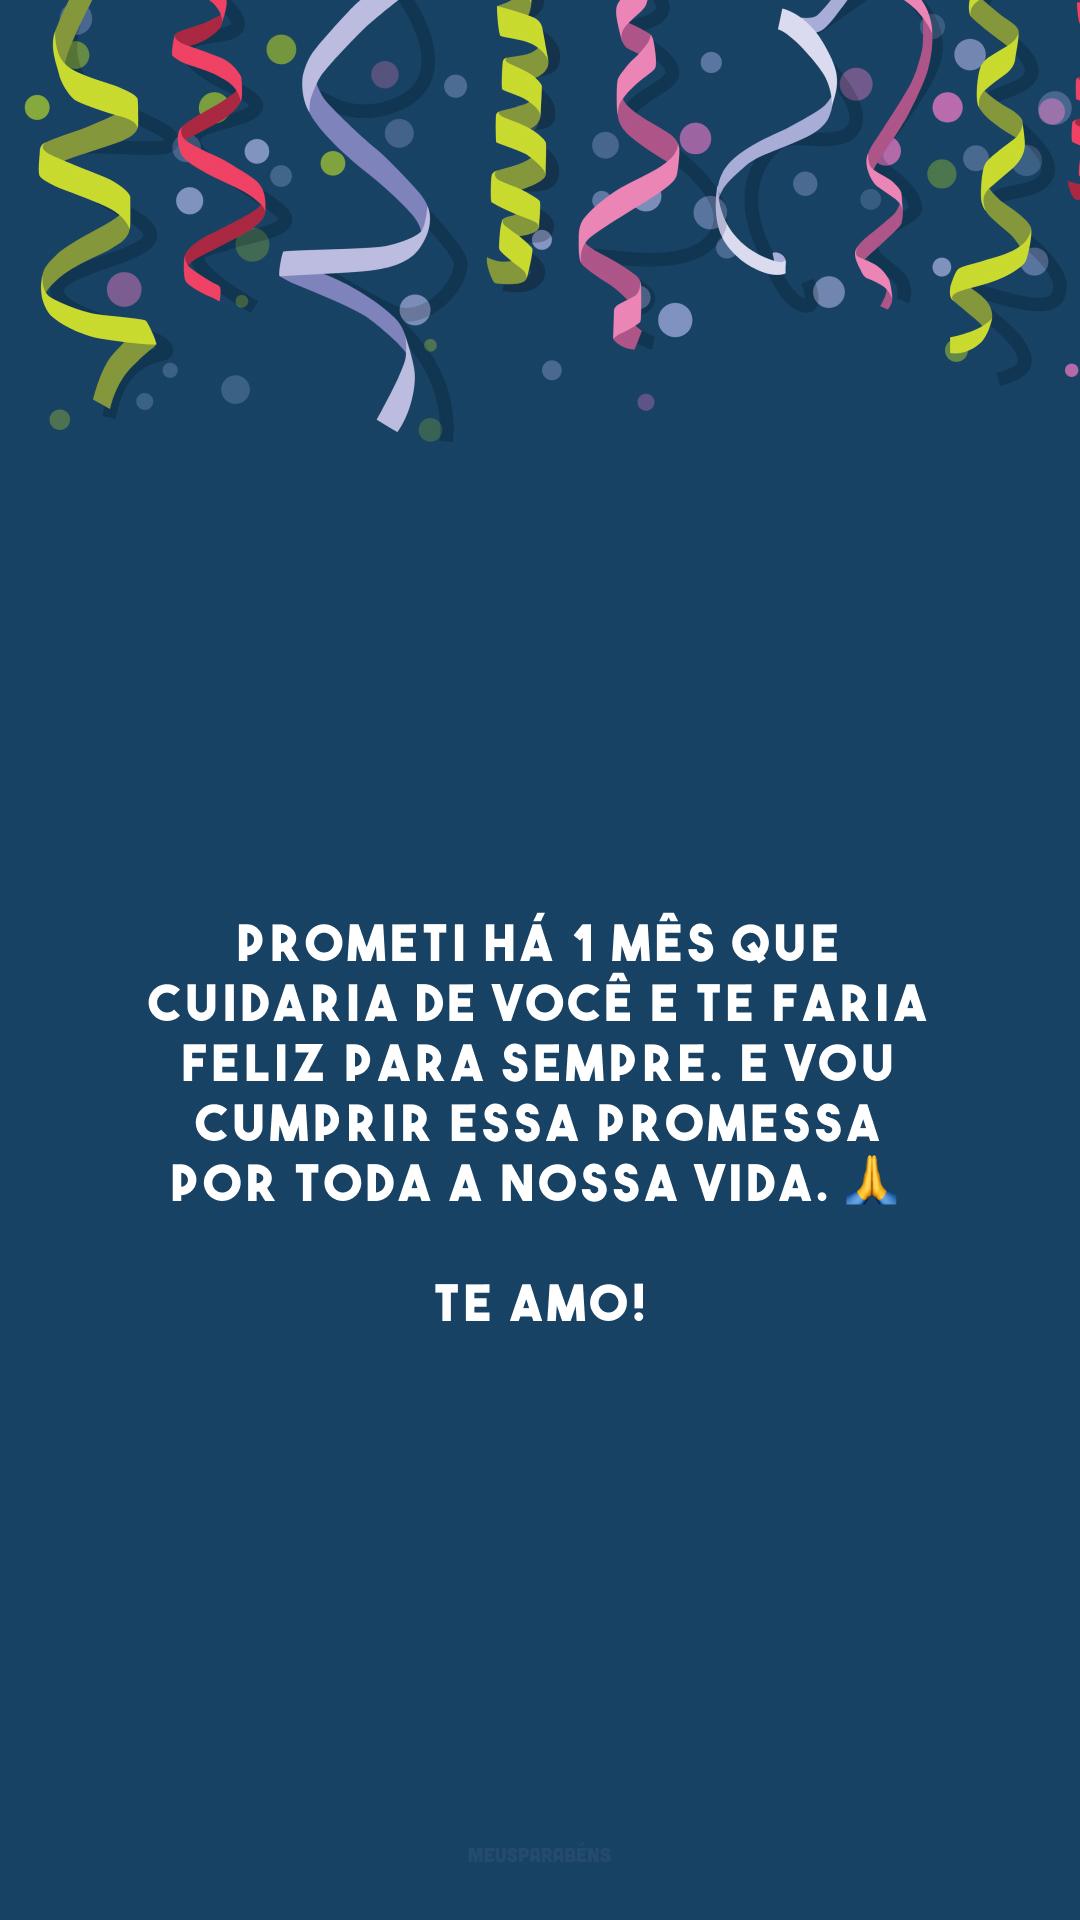 Prometi há 1 mês que cuidaria de você e te faria feliz para sempre. E vou cumprir essa promessa por toda a nossa vida. 🙏 Te amo!